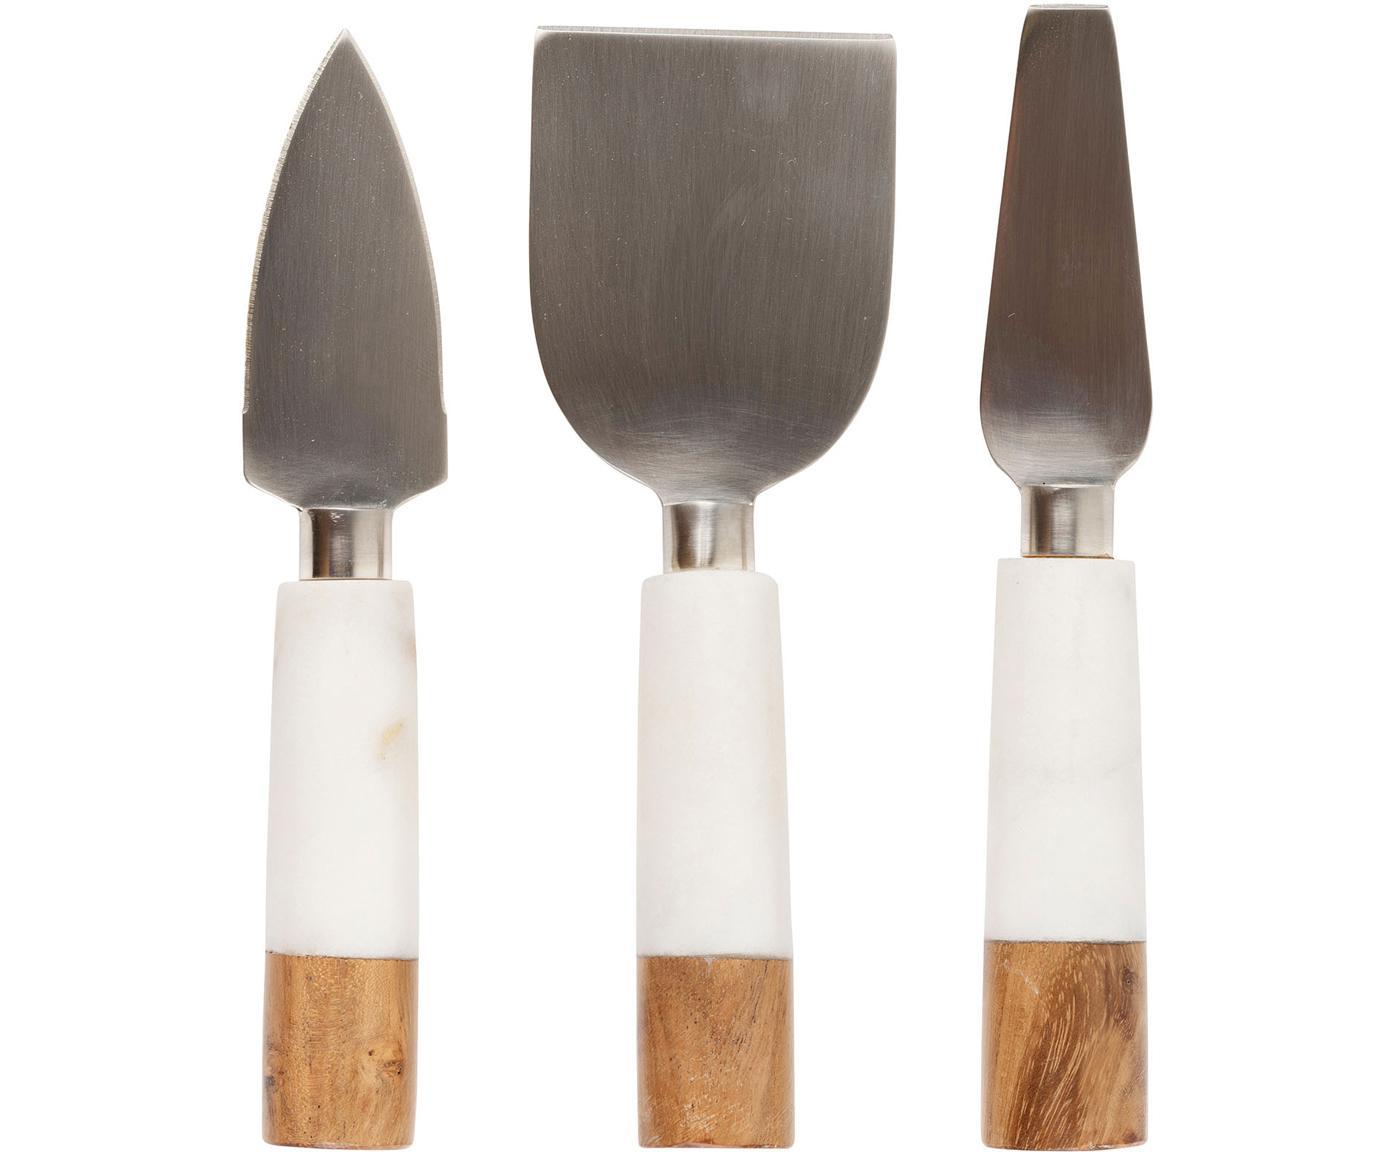 Komplet noży do serów Nevada, 3 elem., Stal szlachetna, marmur, drewno naturalne, Beżowy, biały lekko marmurowy, D 21 cm